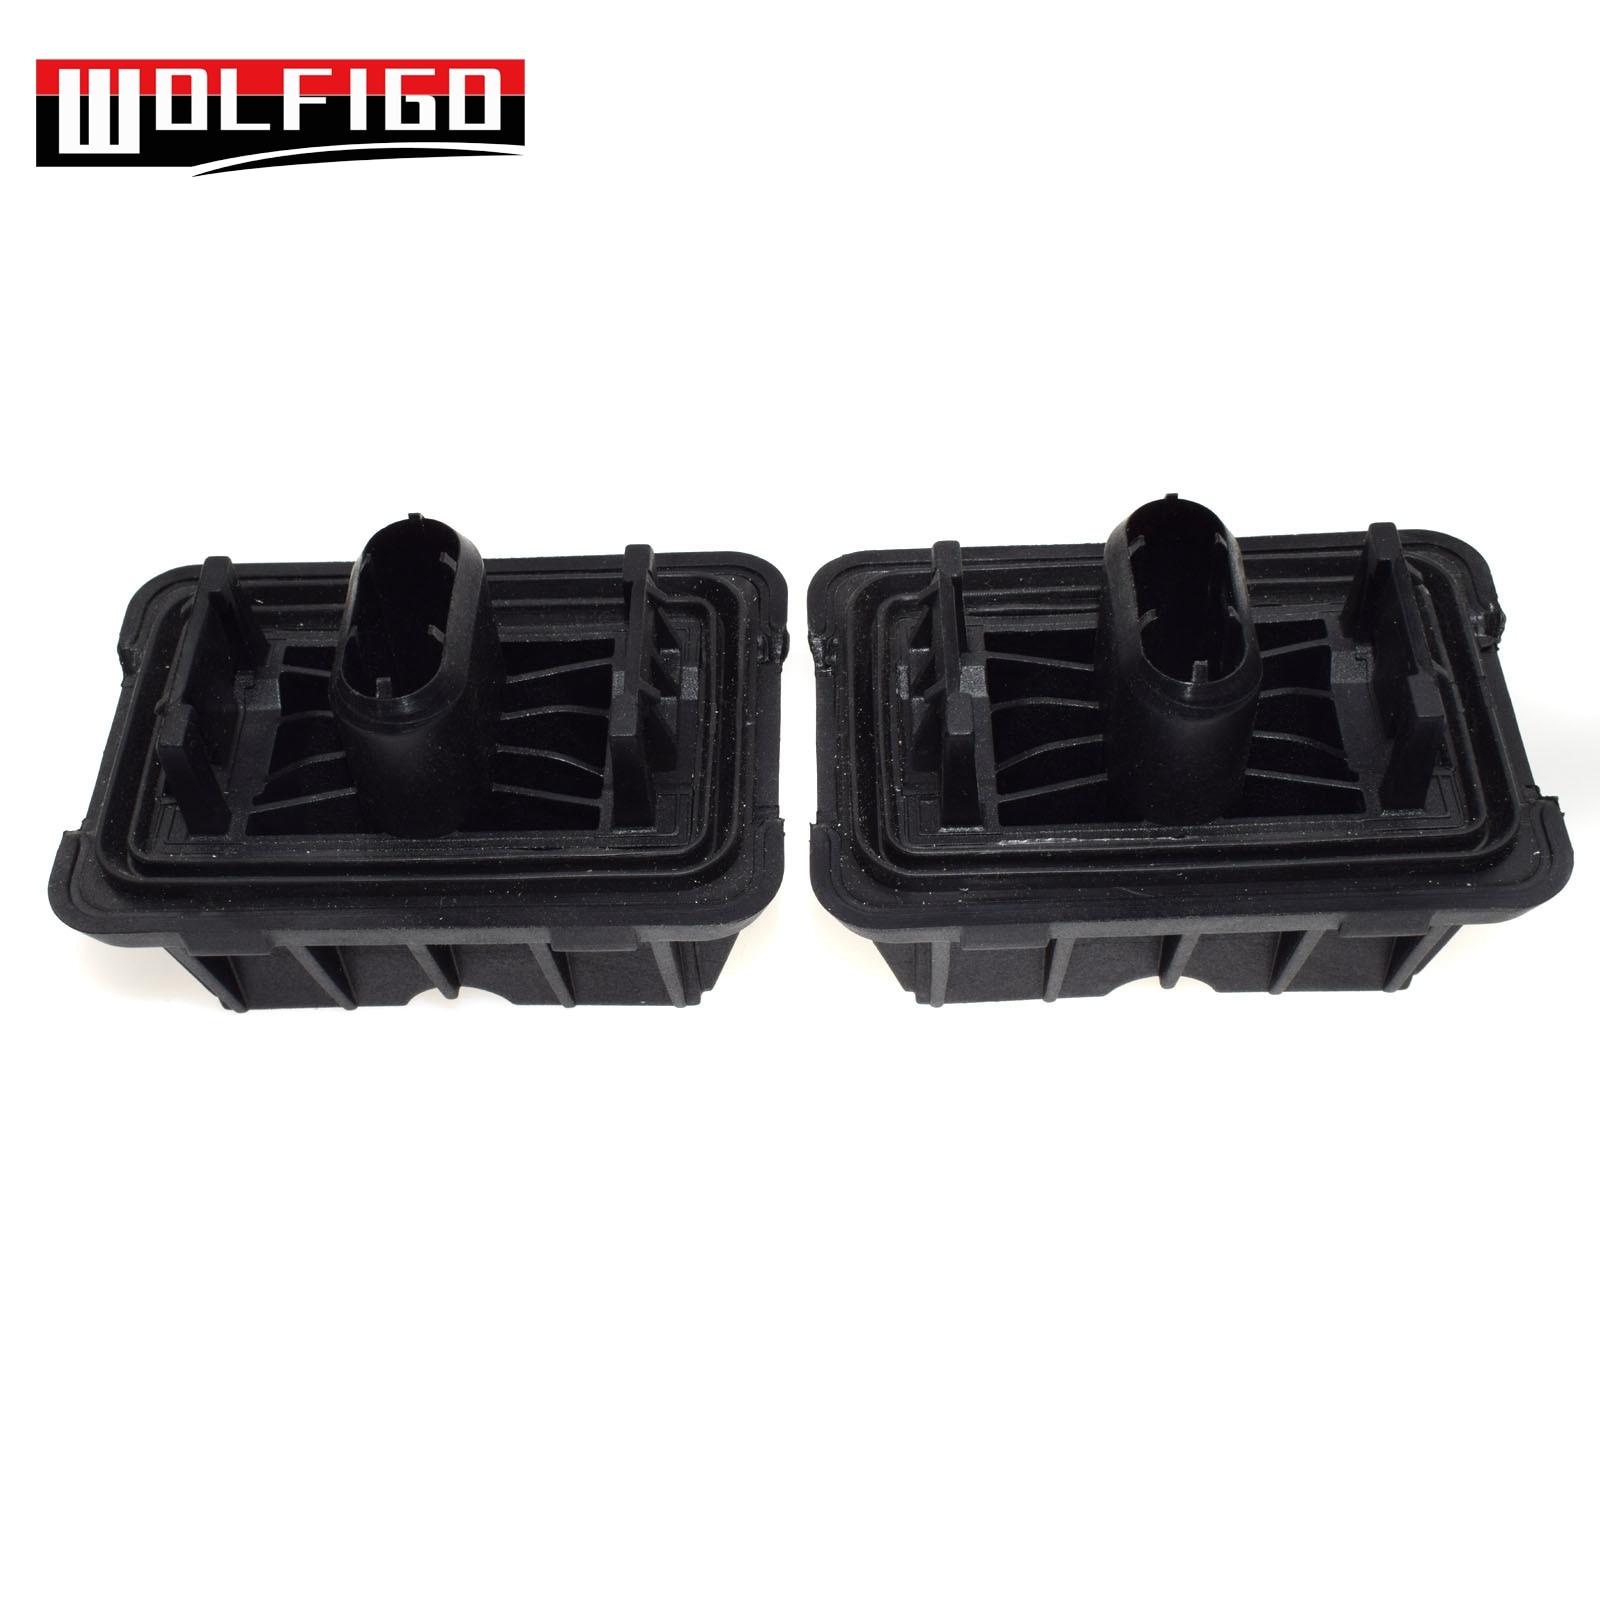 WOLFIGO مجموعة 2 قطعة ل BMW E82 E90 جاك منصات الجزء السفلي من السيارة دعم لرفع سيارة 51717237195 جديد